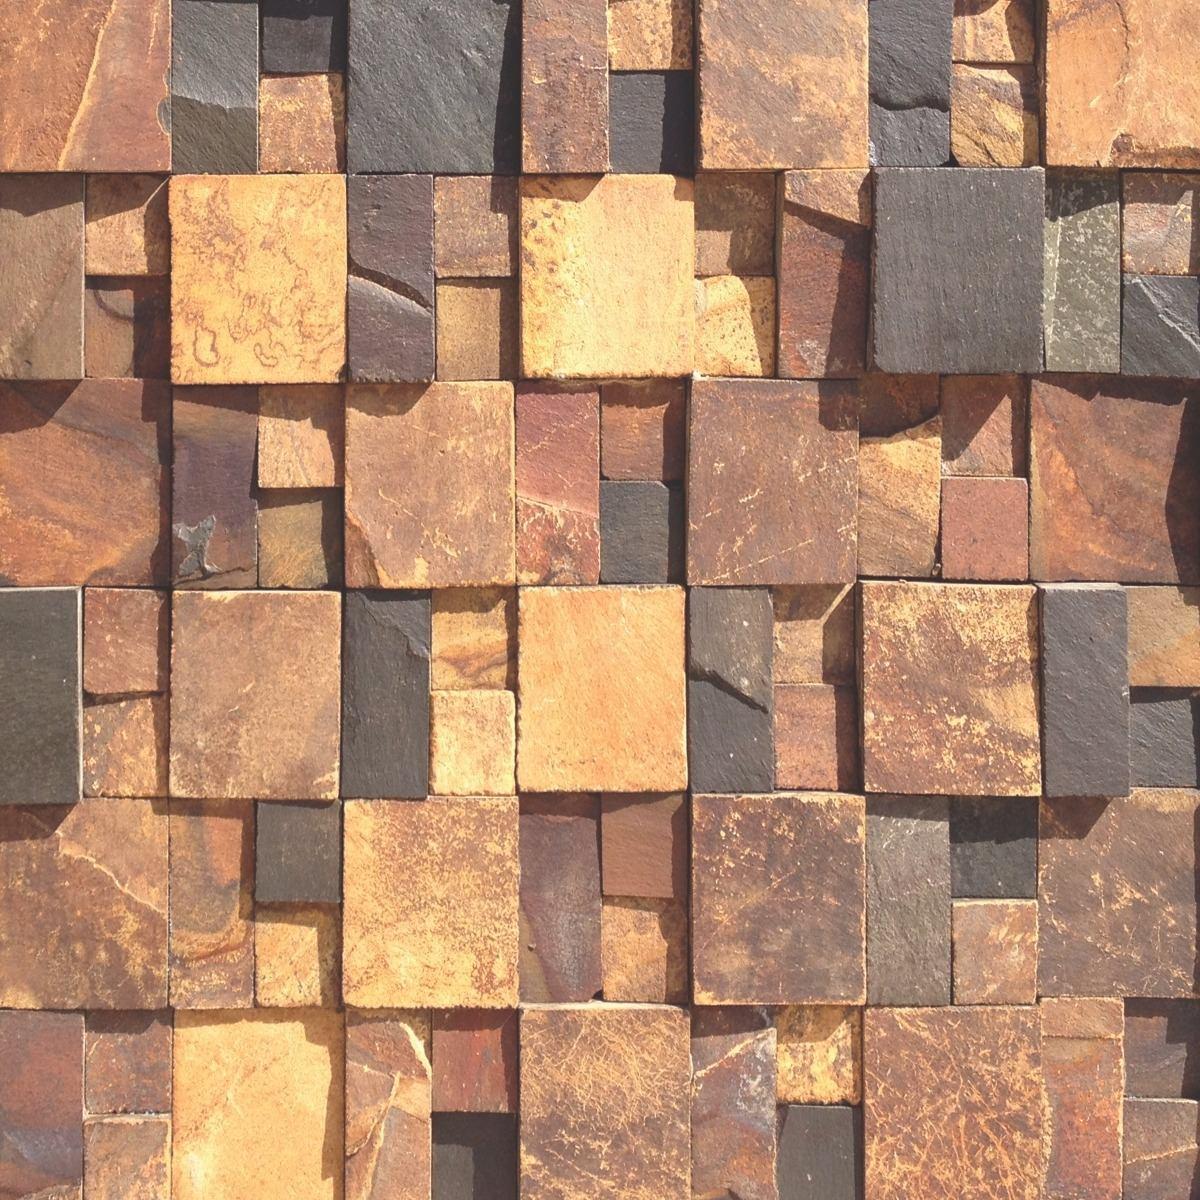 3b31a42e5 papel de parede pedras 3d rústica autoadesivo lavável 5m. Carregando zoom.